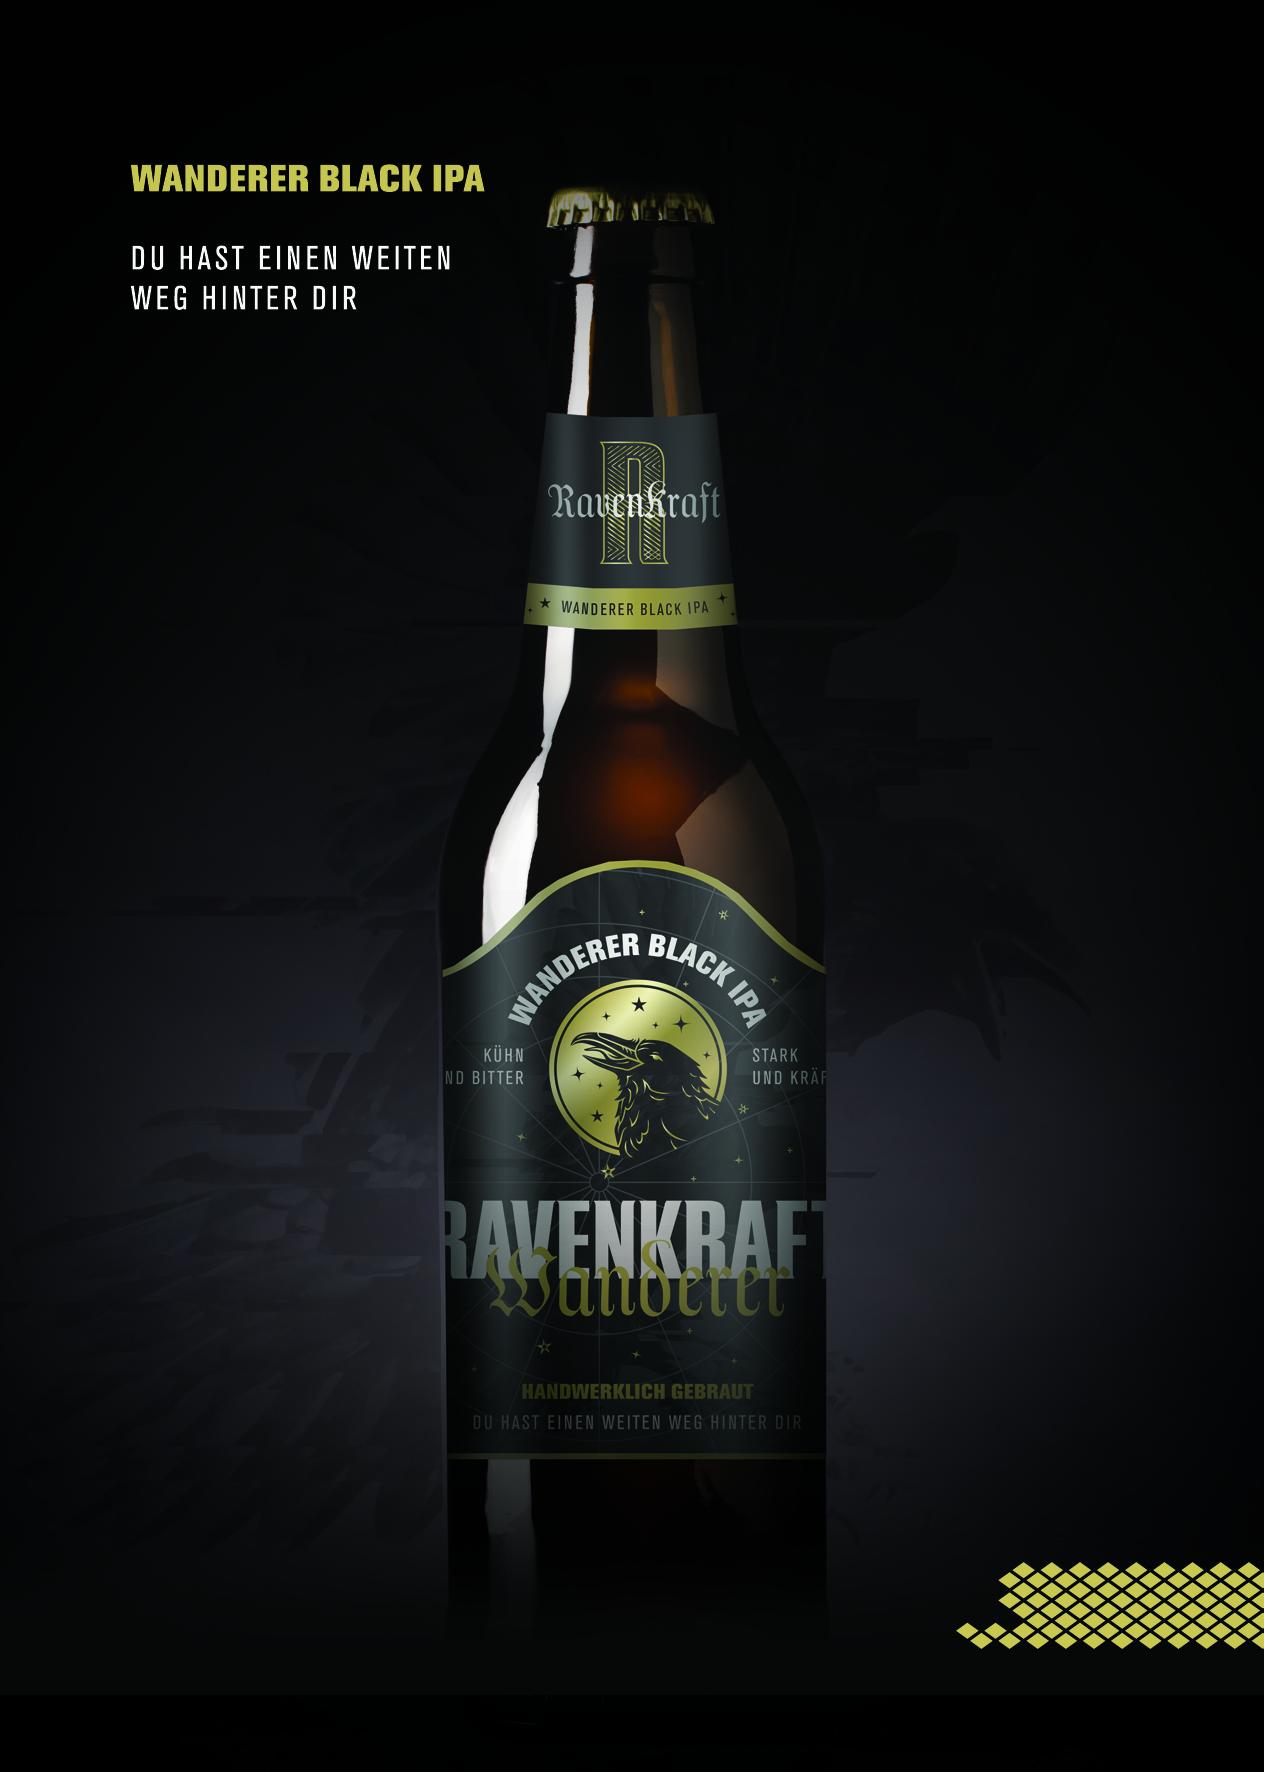 RavenKraft_flyer_2a.jpg